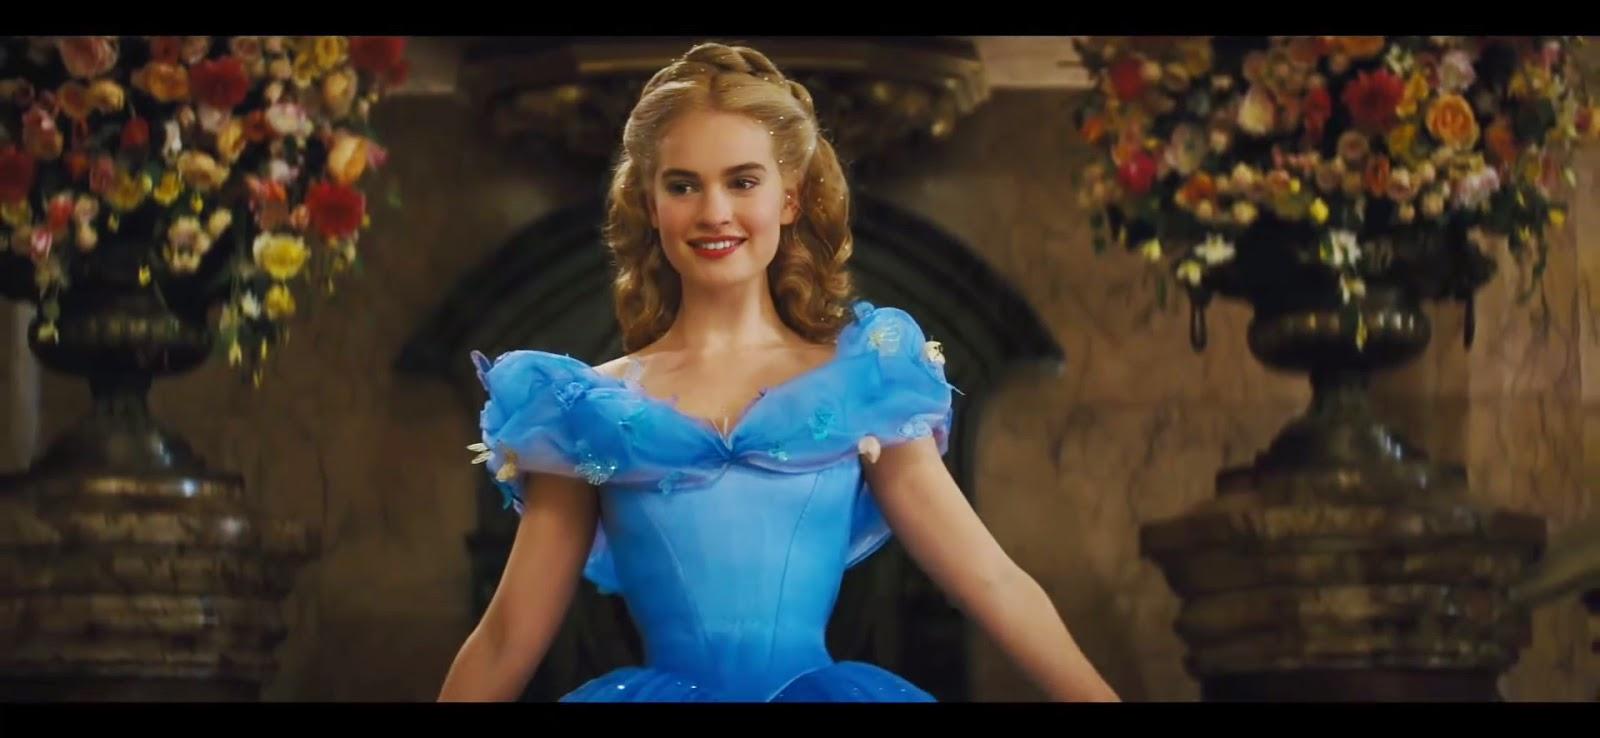 Cenicienta partiendo la pana con su vestido en la fiesta del castillo.